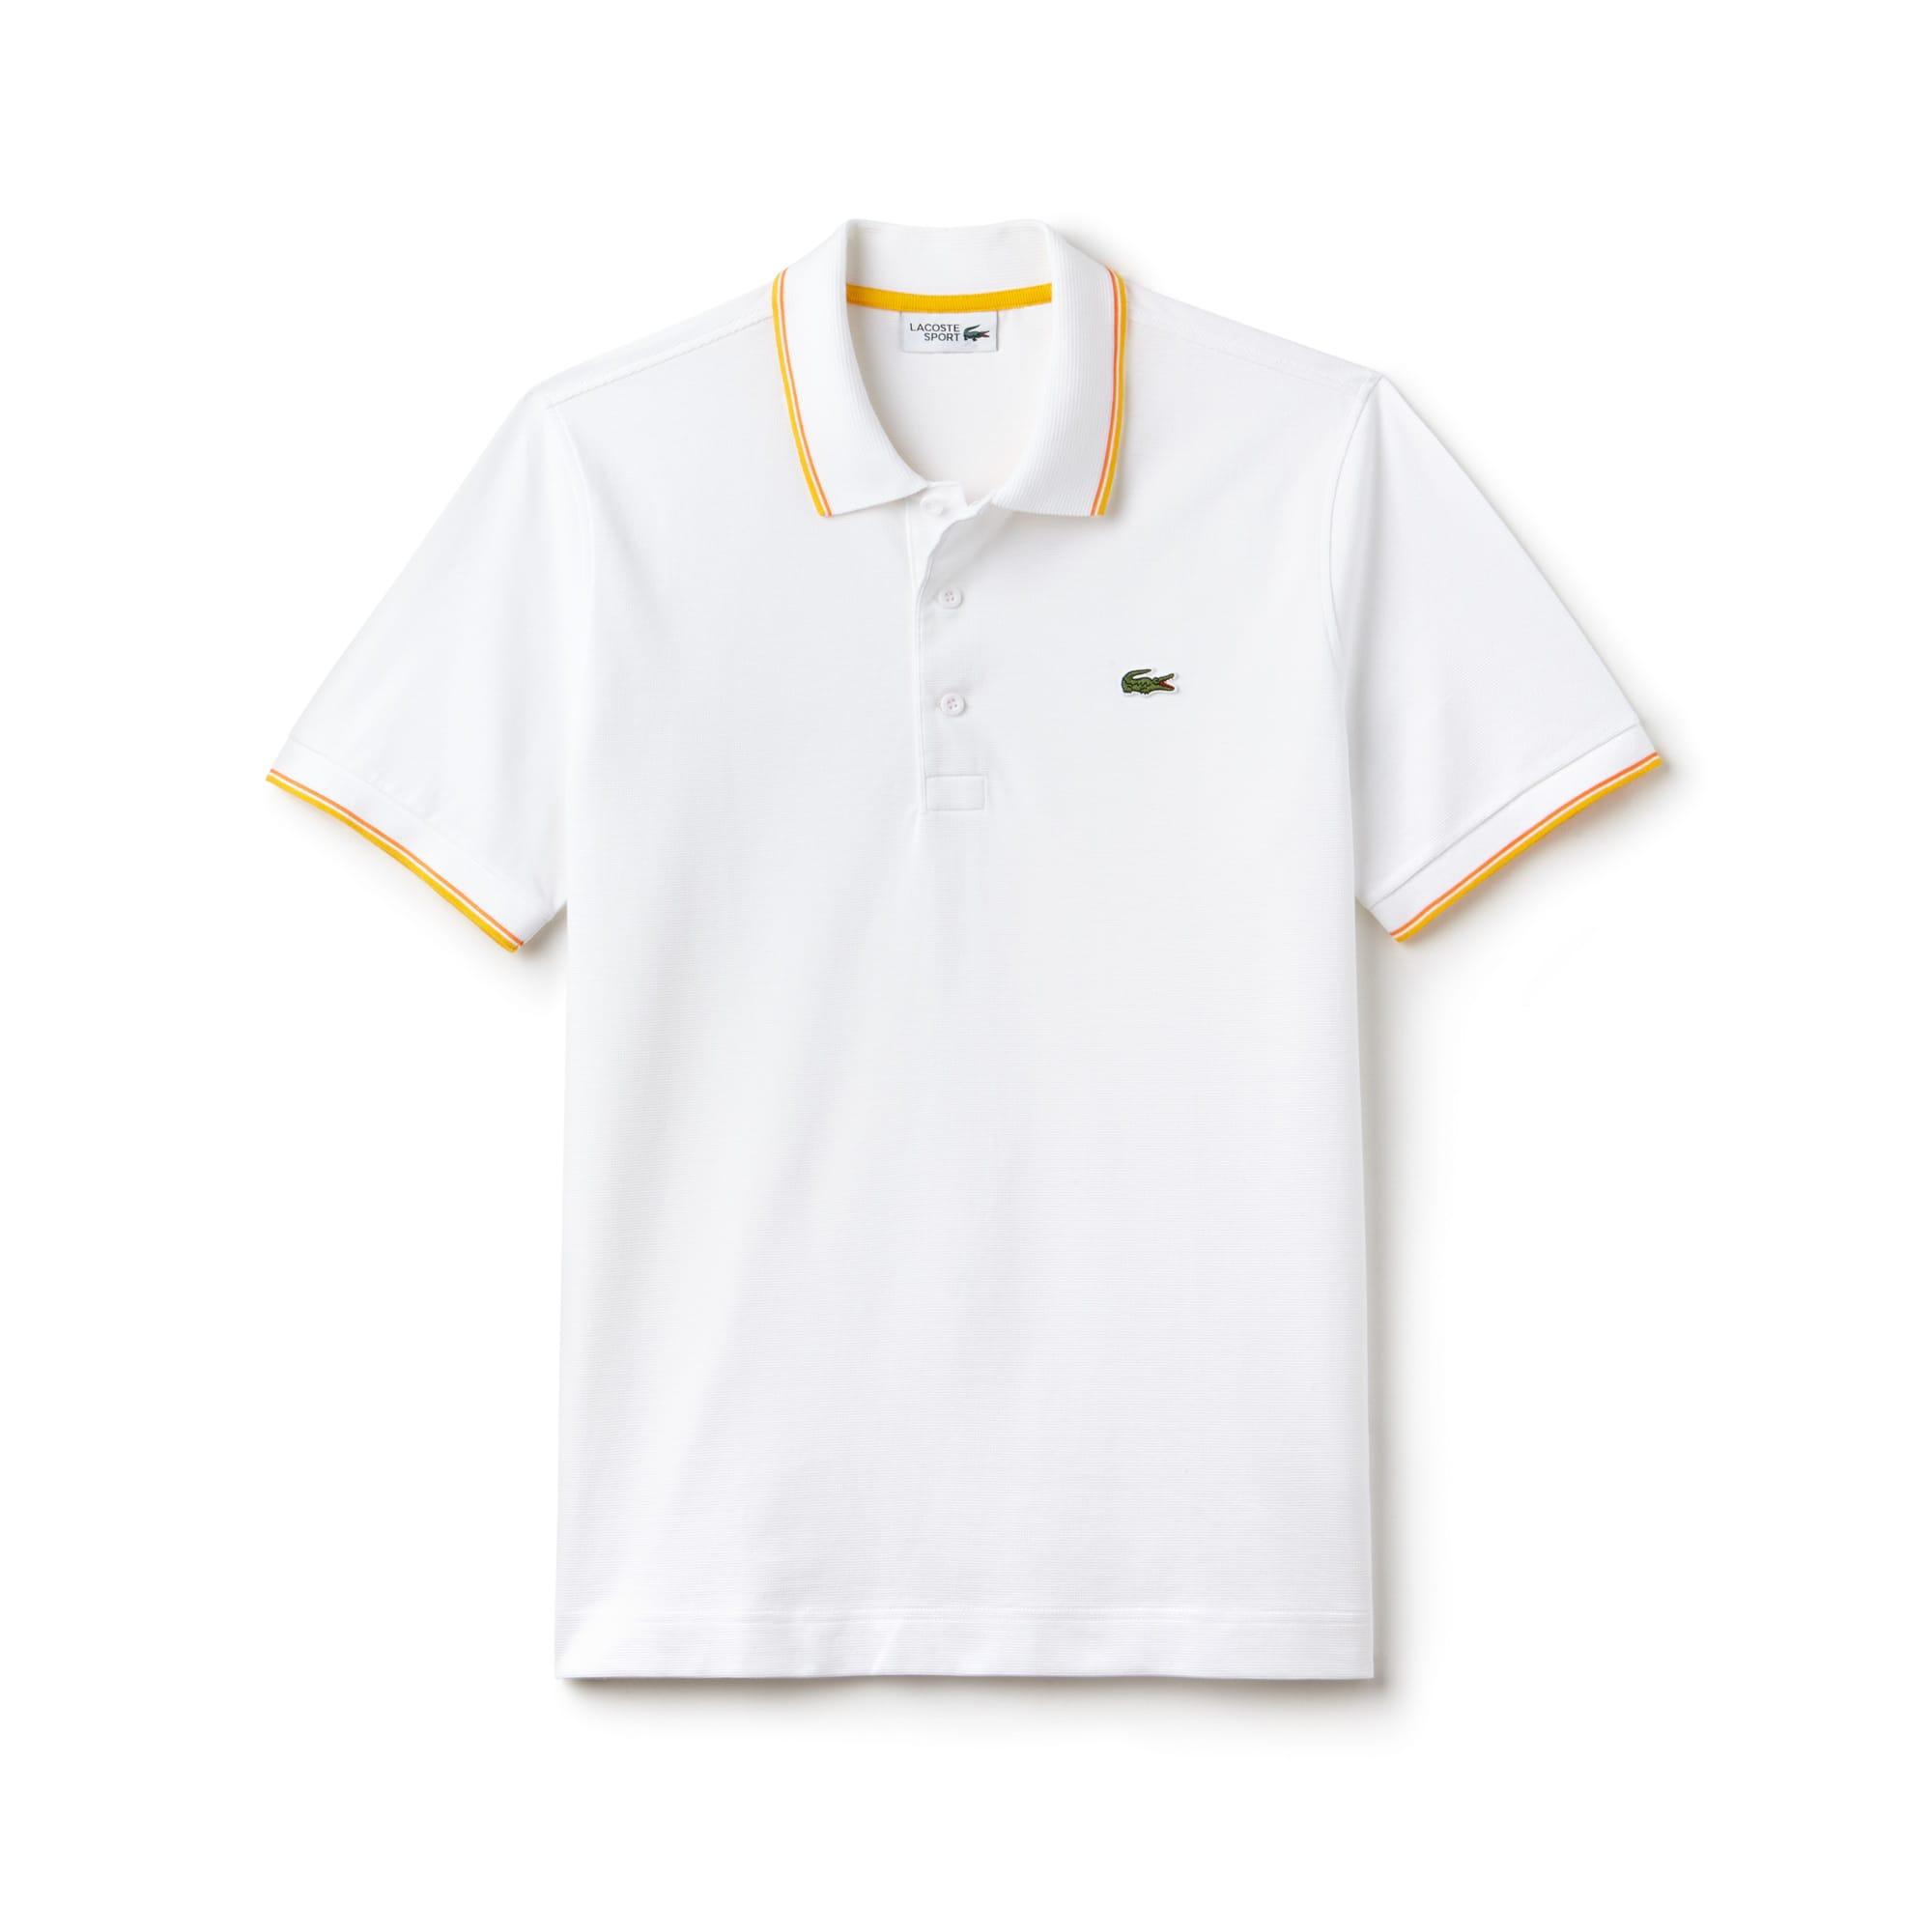 e2193c3495a87 Camisa Polo Lacoste SPORT Masculina em Malha Ultraleve com Acabamento em  Vivo